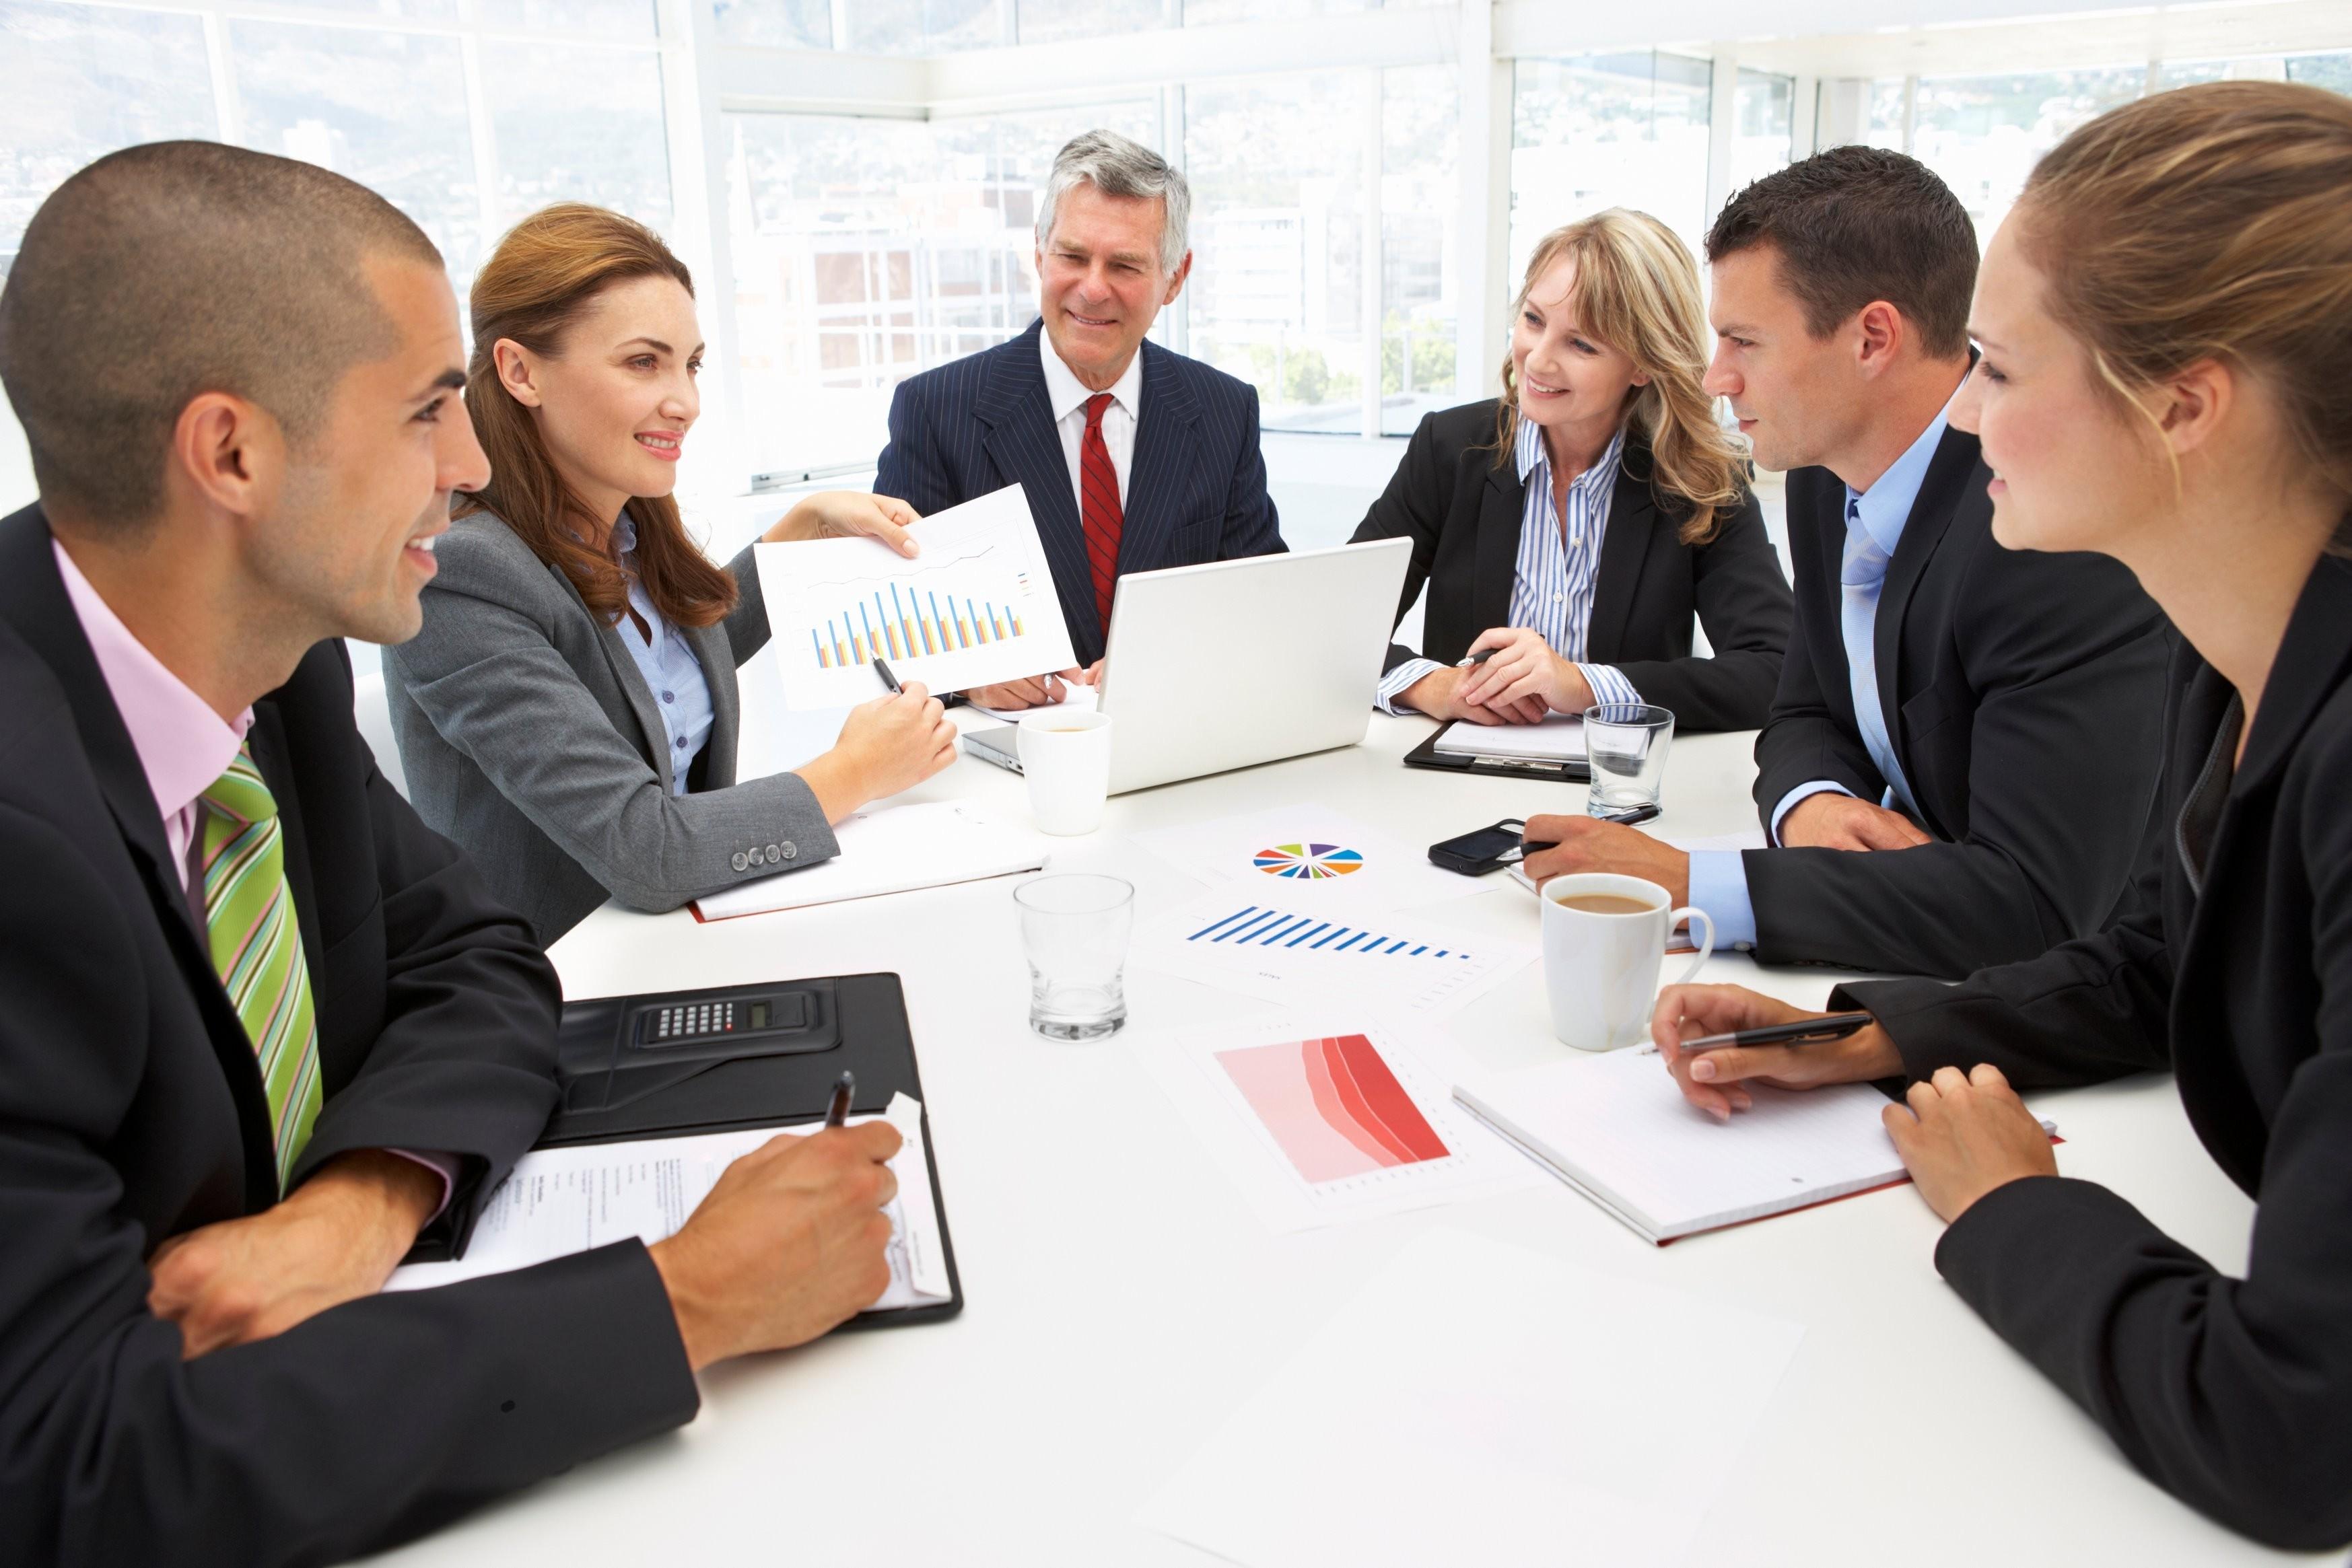 員工、職場、企業示意圖。(圖/達志影像)